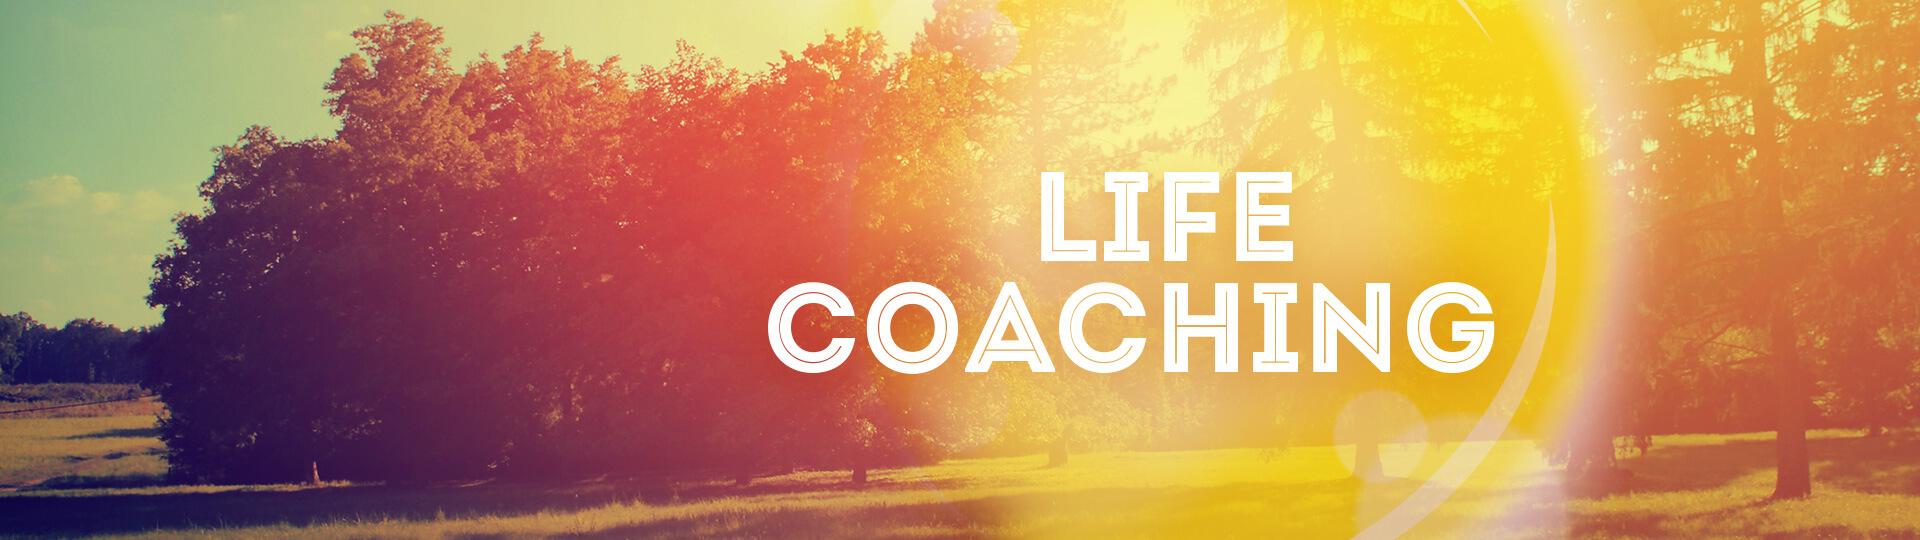 Category Life Coaching